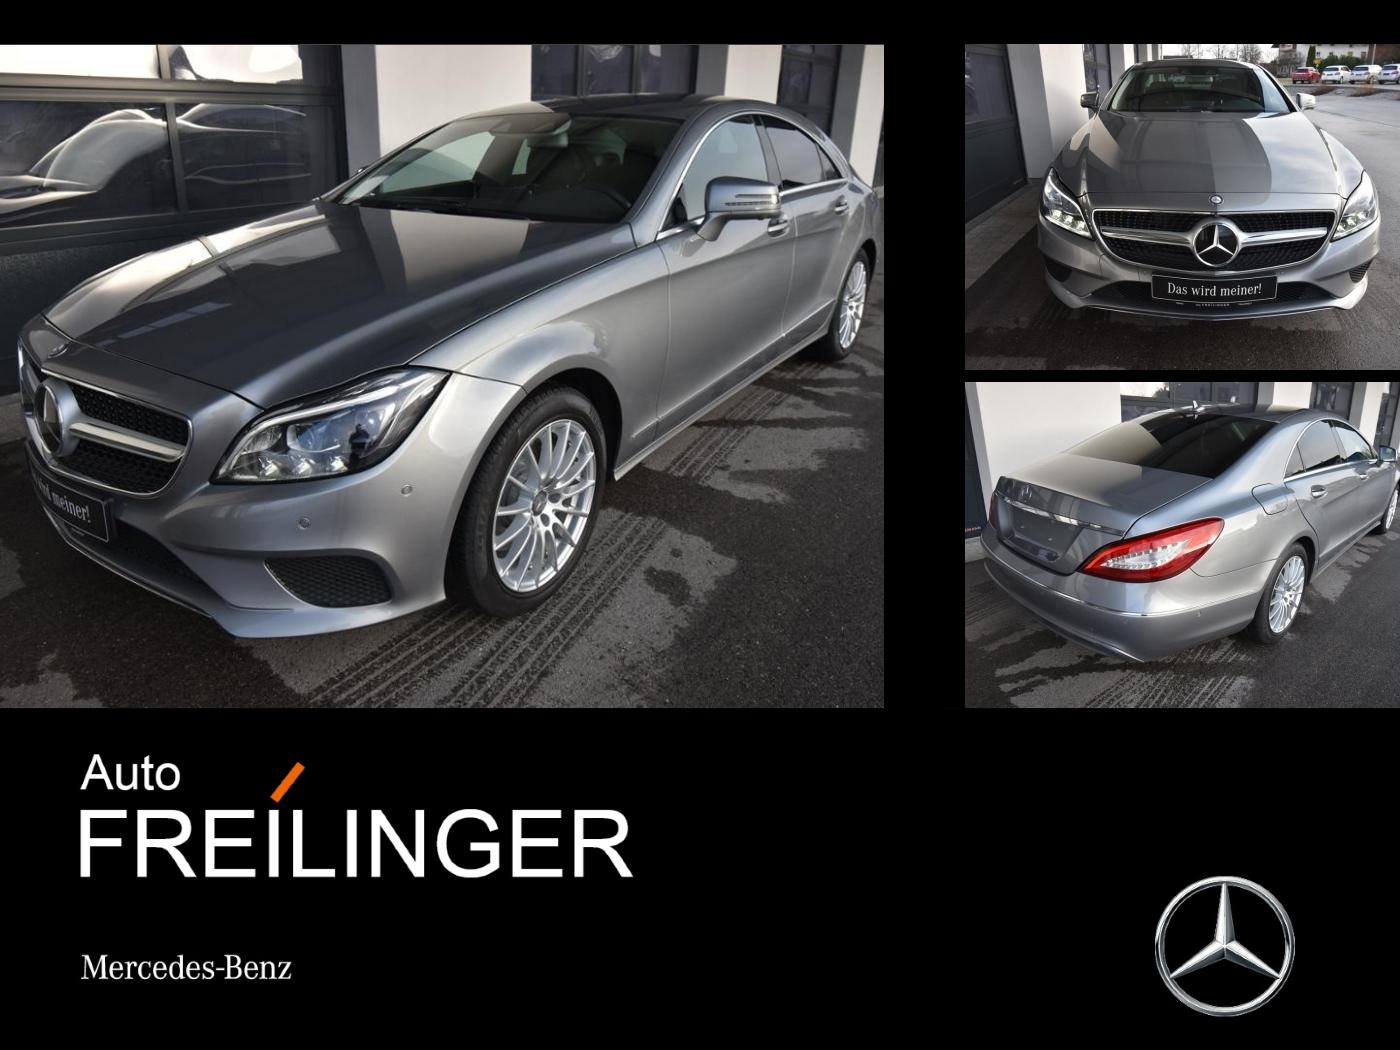 Mercedes-Benz CLS 350 BT 4matic Comand Airmatic Multibeam Harm, Jahr 2015, Diesel